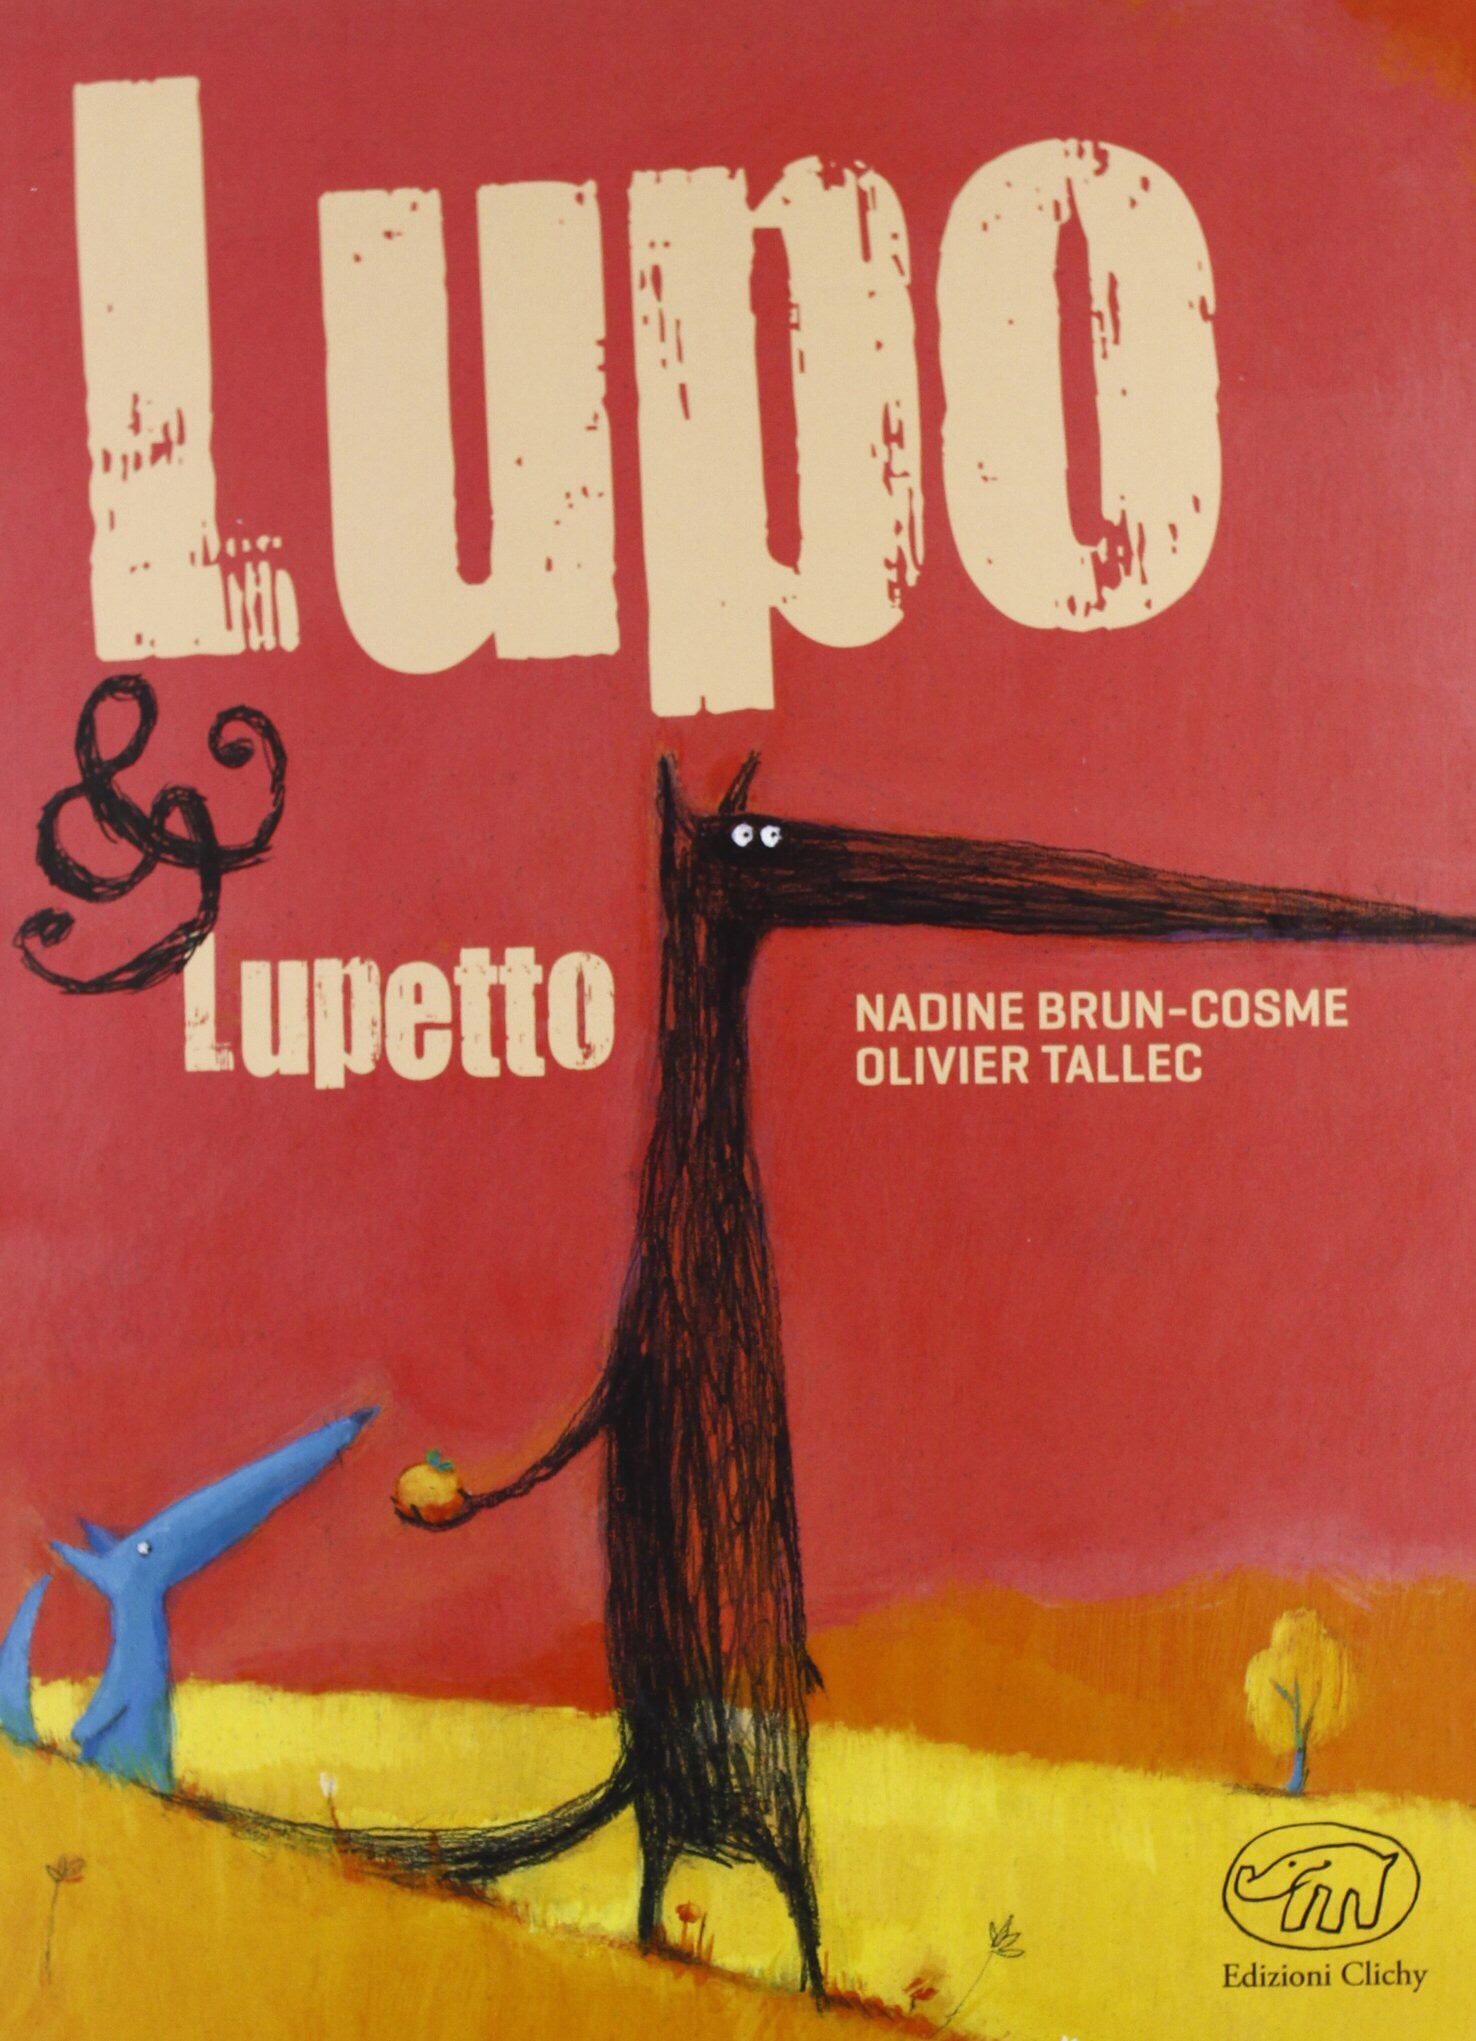 Lupo&Lupetto – Nadine Brun-Cosme e Olivier Tallec